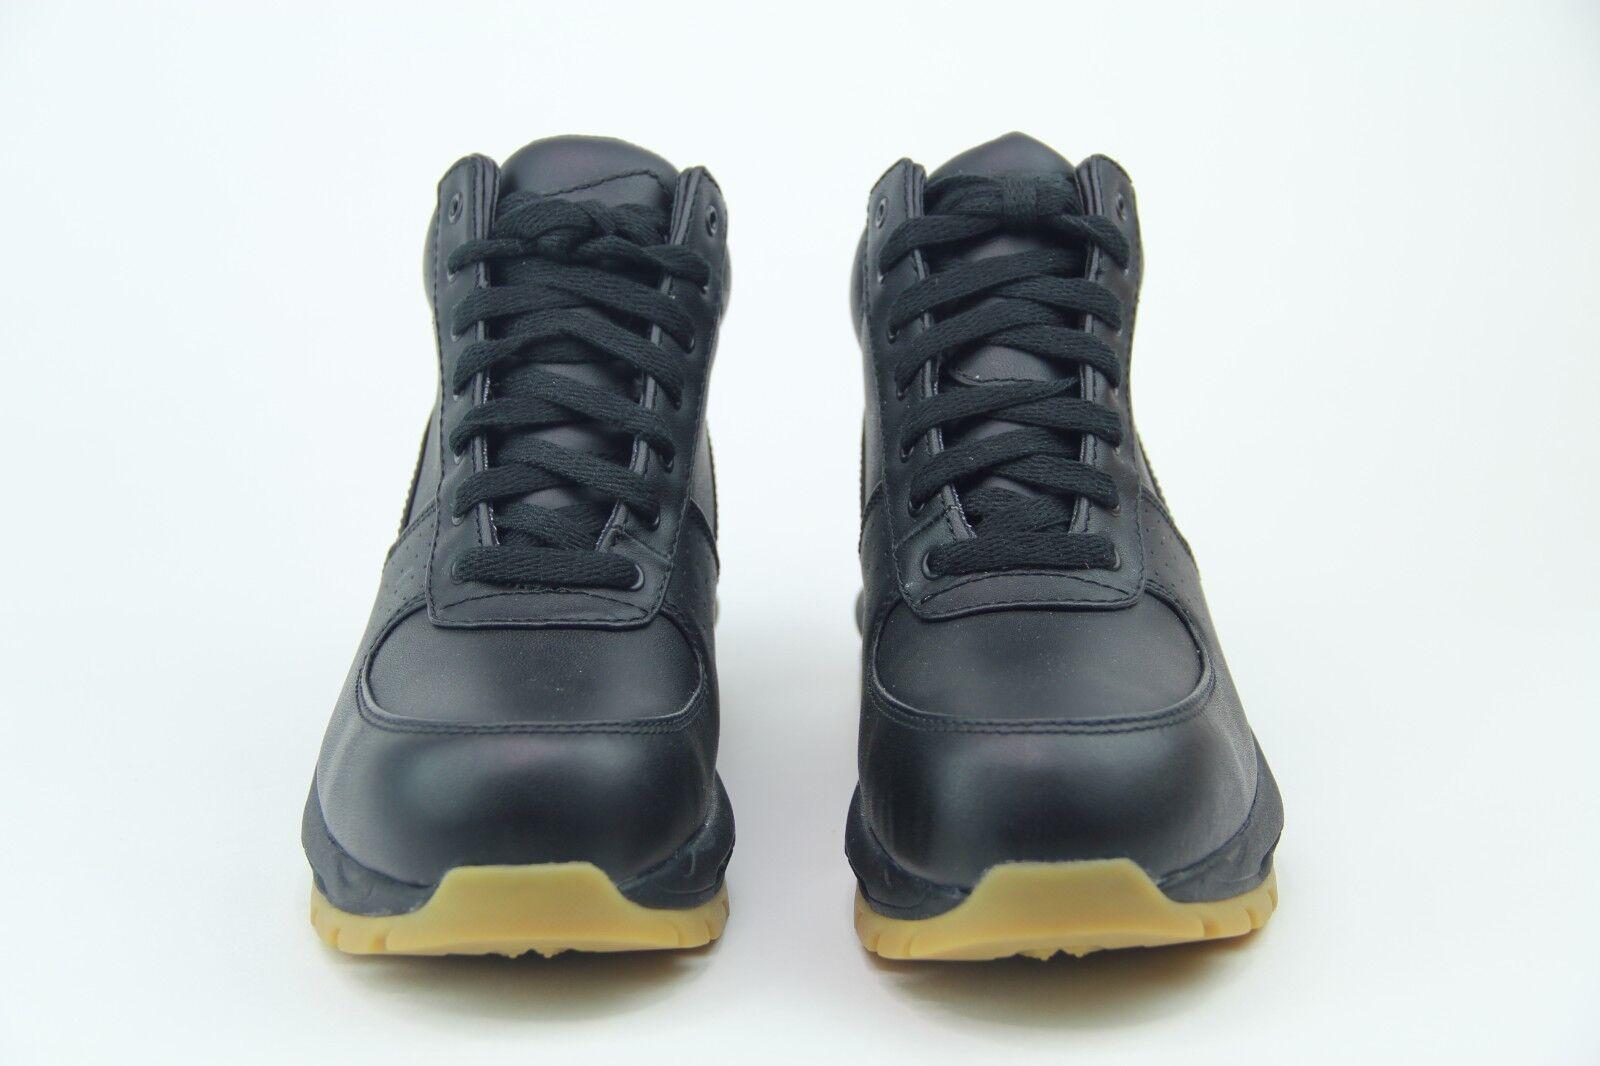 Nike Men's Air Max Goadome ACG Black Gum Winter Boots 865031-017 SZ M 6.5 W 8